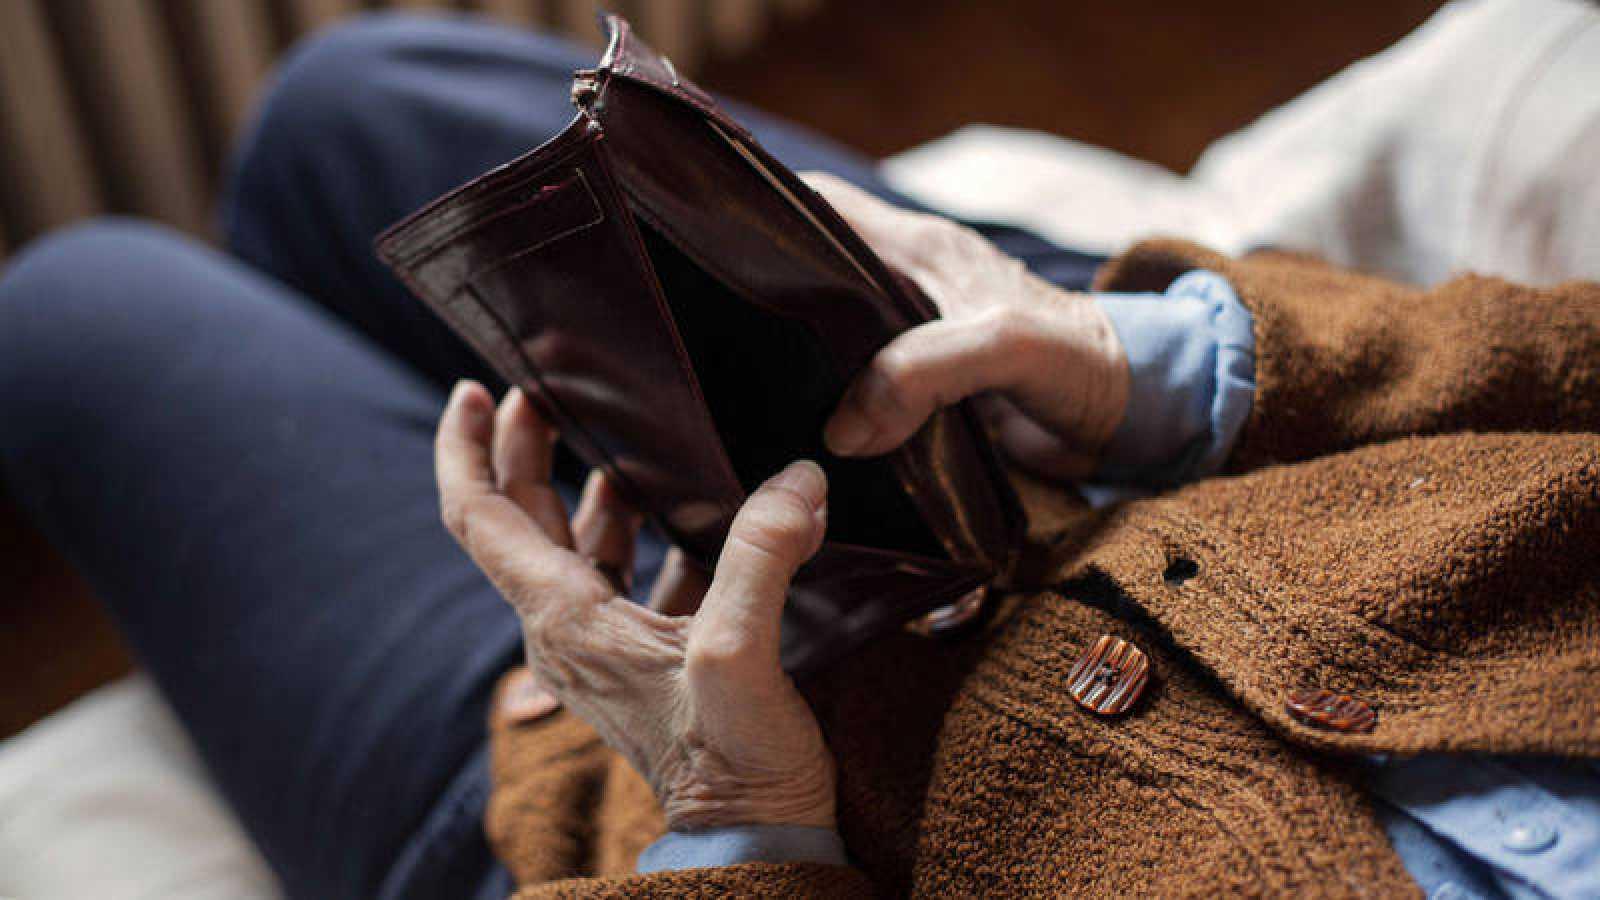 Una persona muestra la cartera vacía sentado en el sofá de su casa